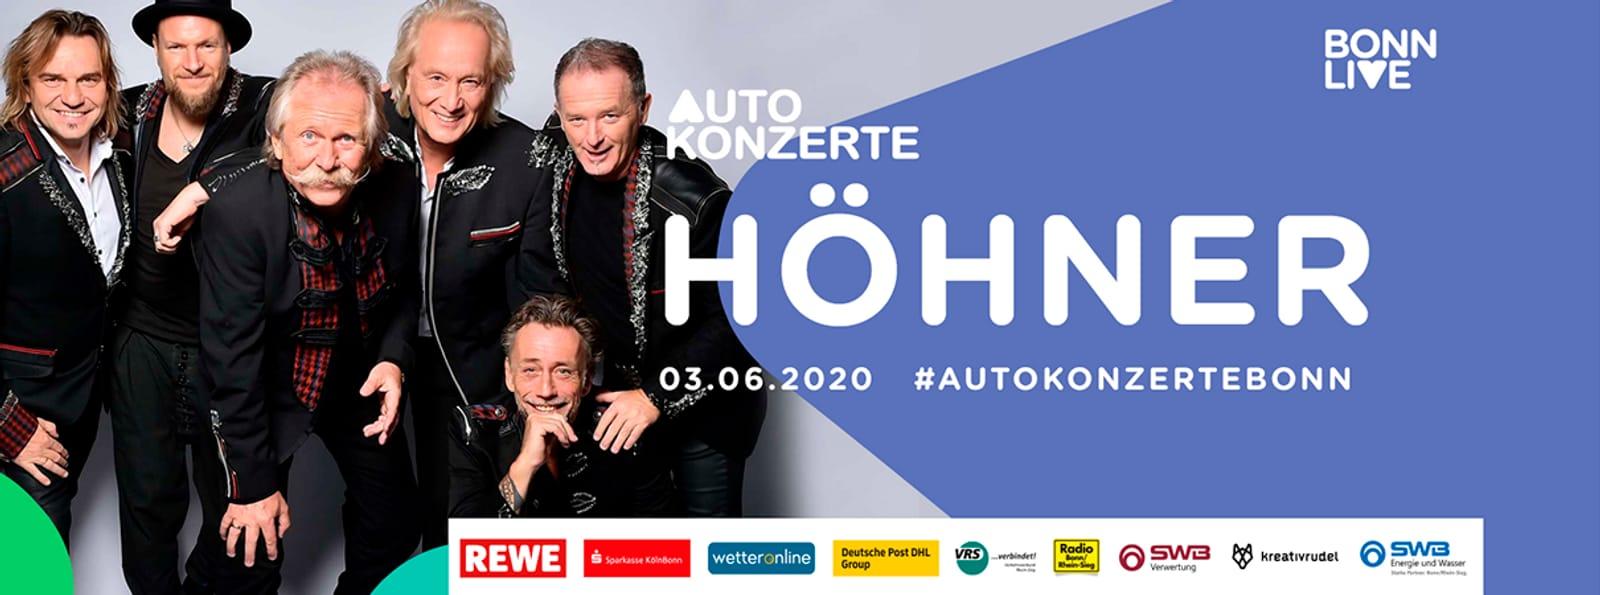 Höhner | BonnLive Autokonzerte